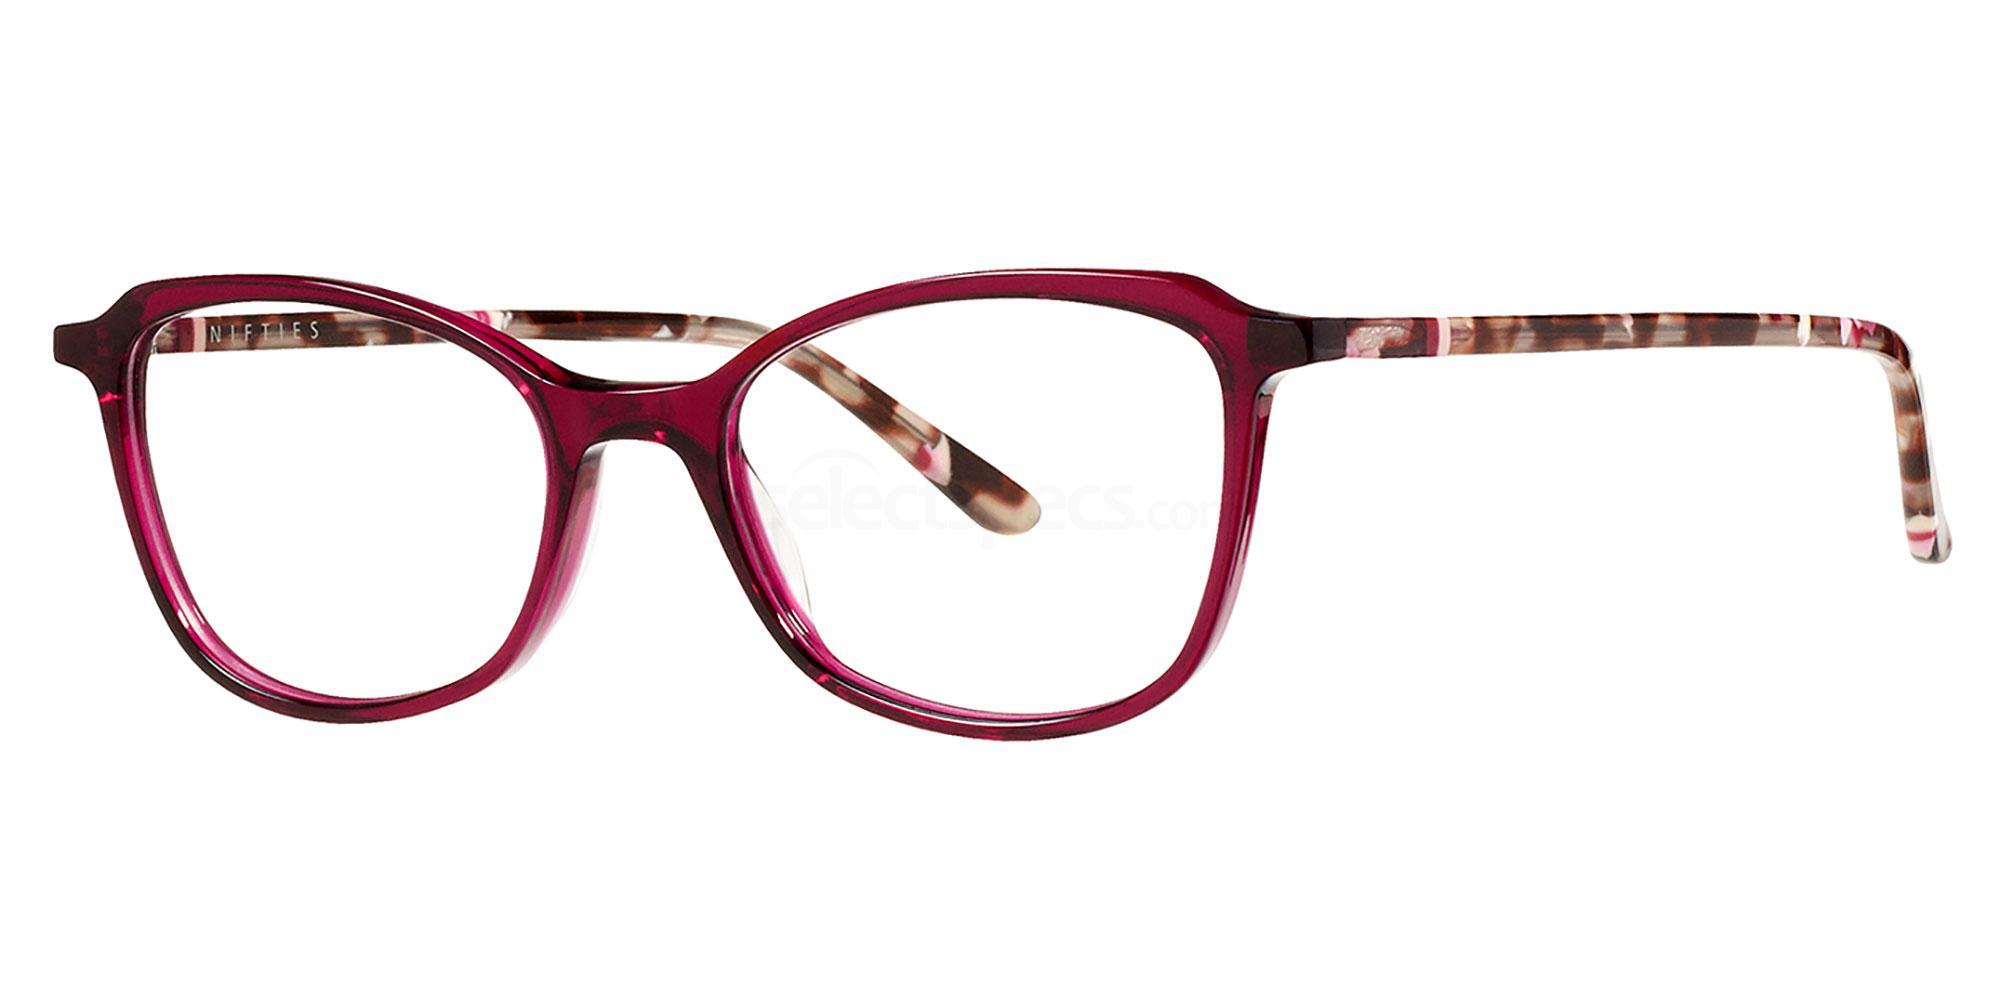 4335 NI9416 Glasses, Nifties